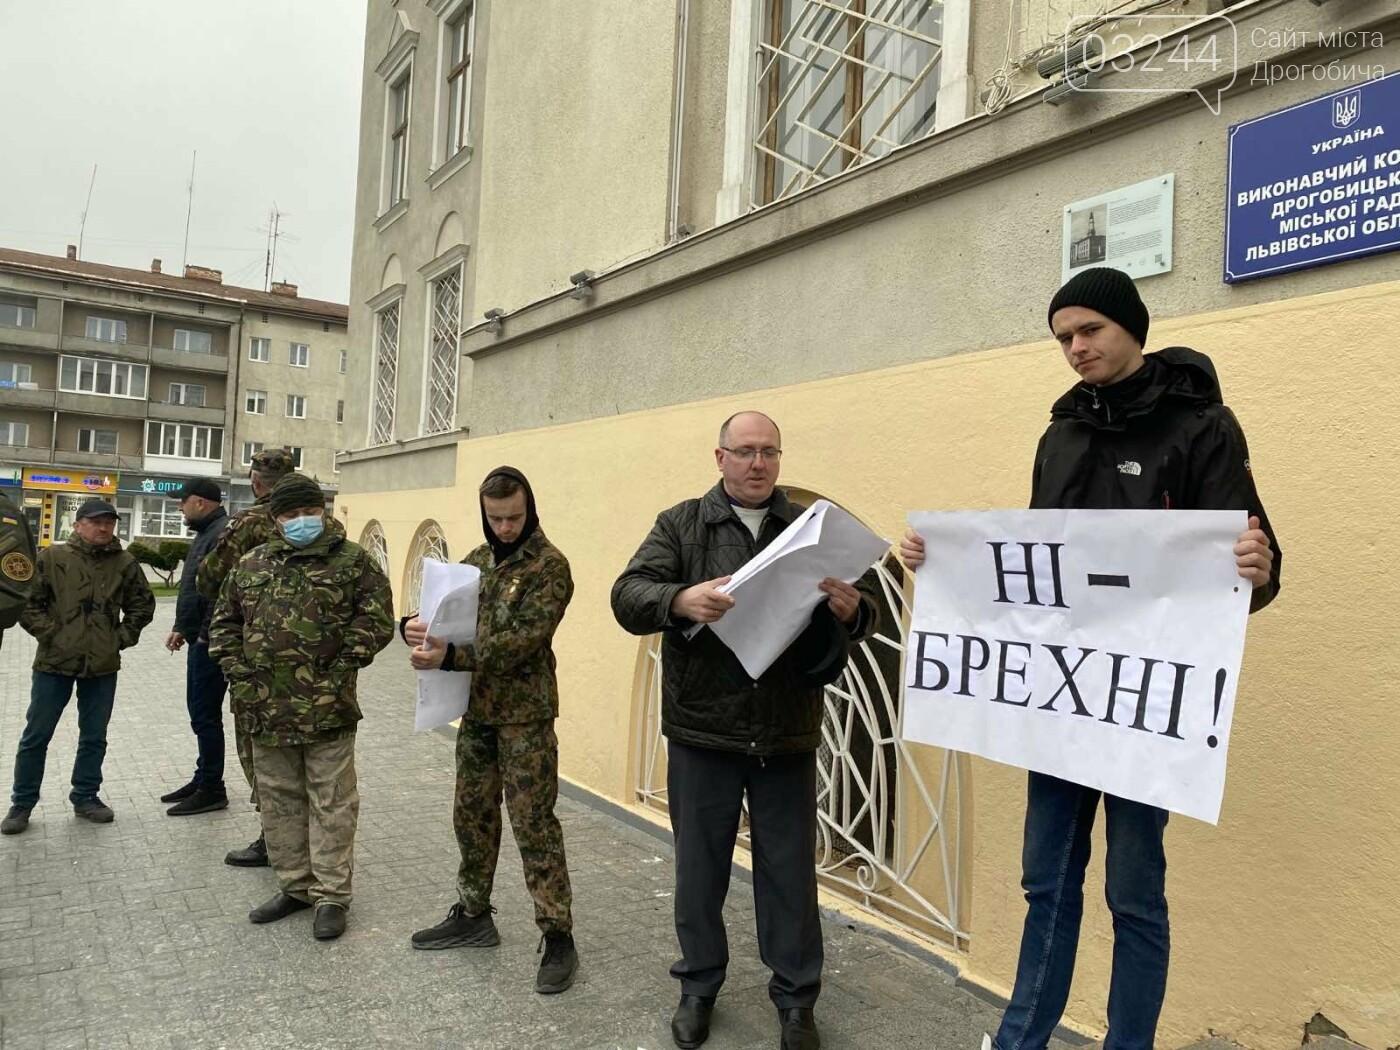 Учасники АТО провели акцію протесту: виступили проти сепаратистських настроїв на Дрогобиччині, фото-2